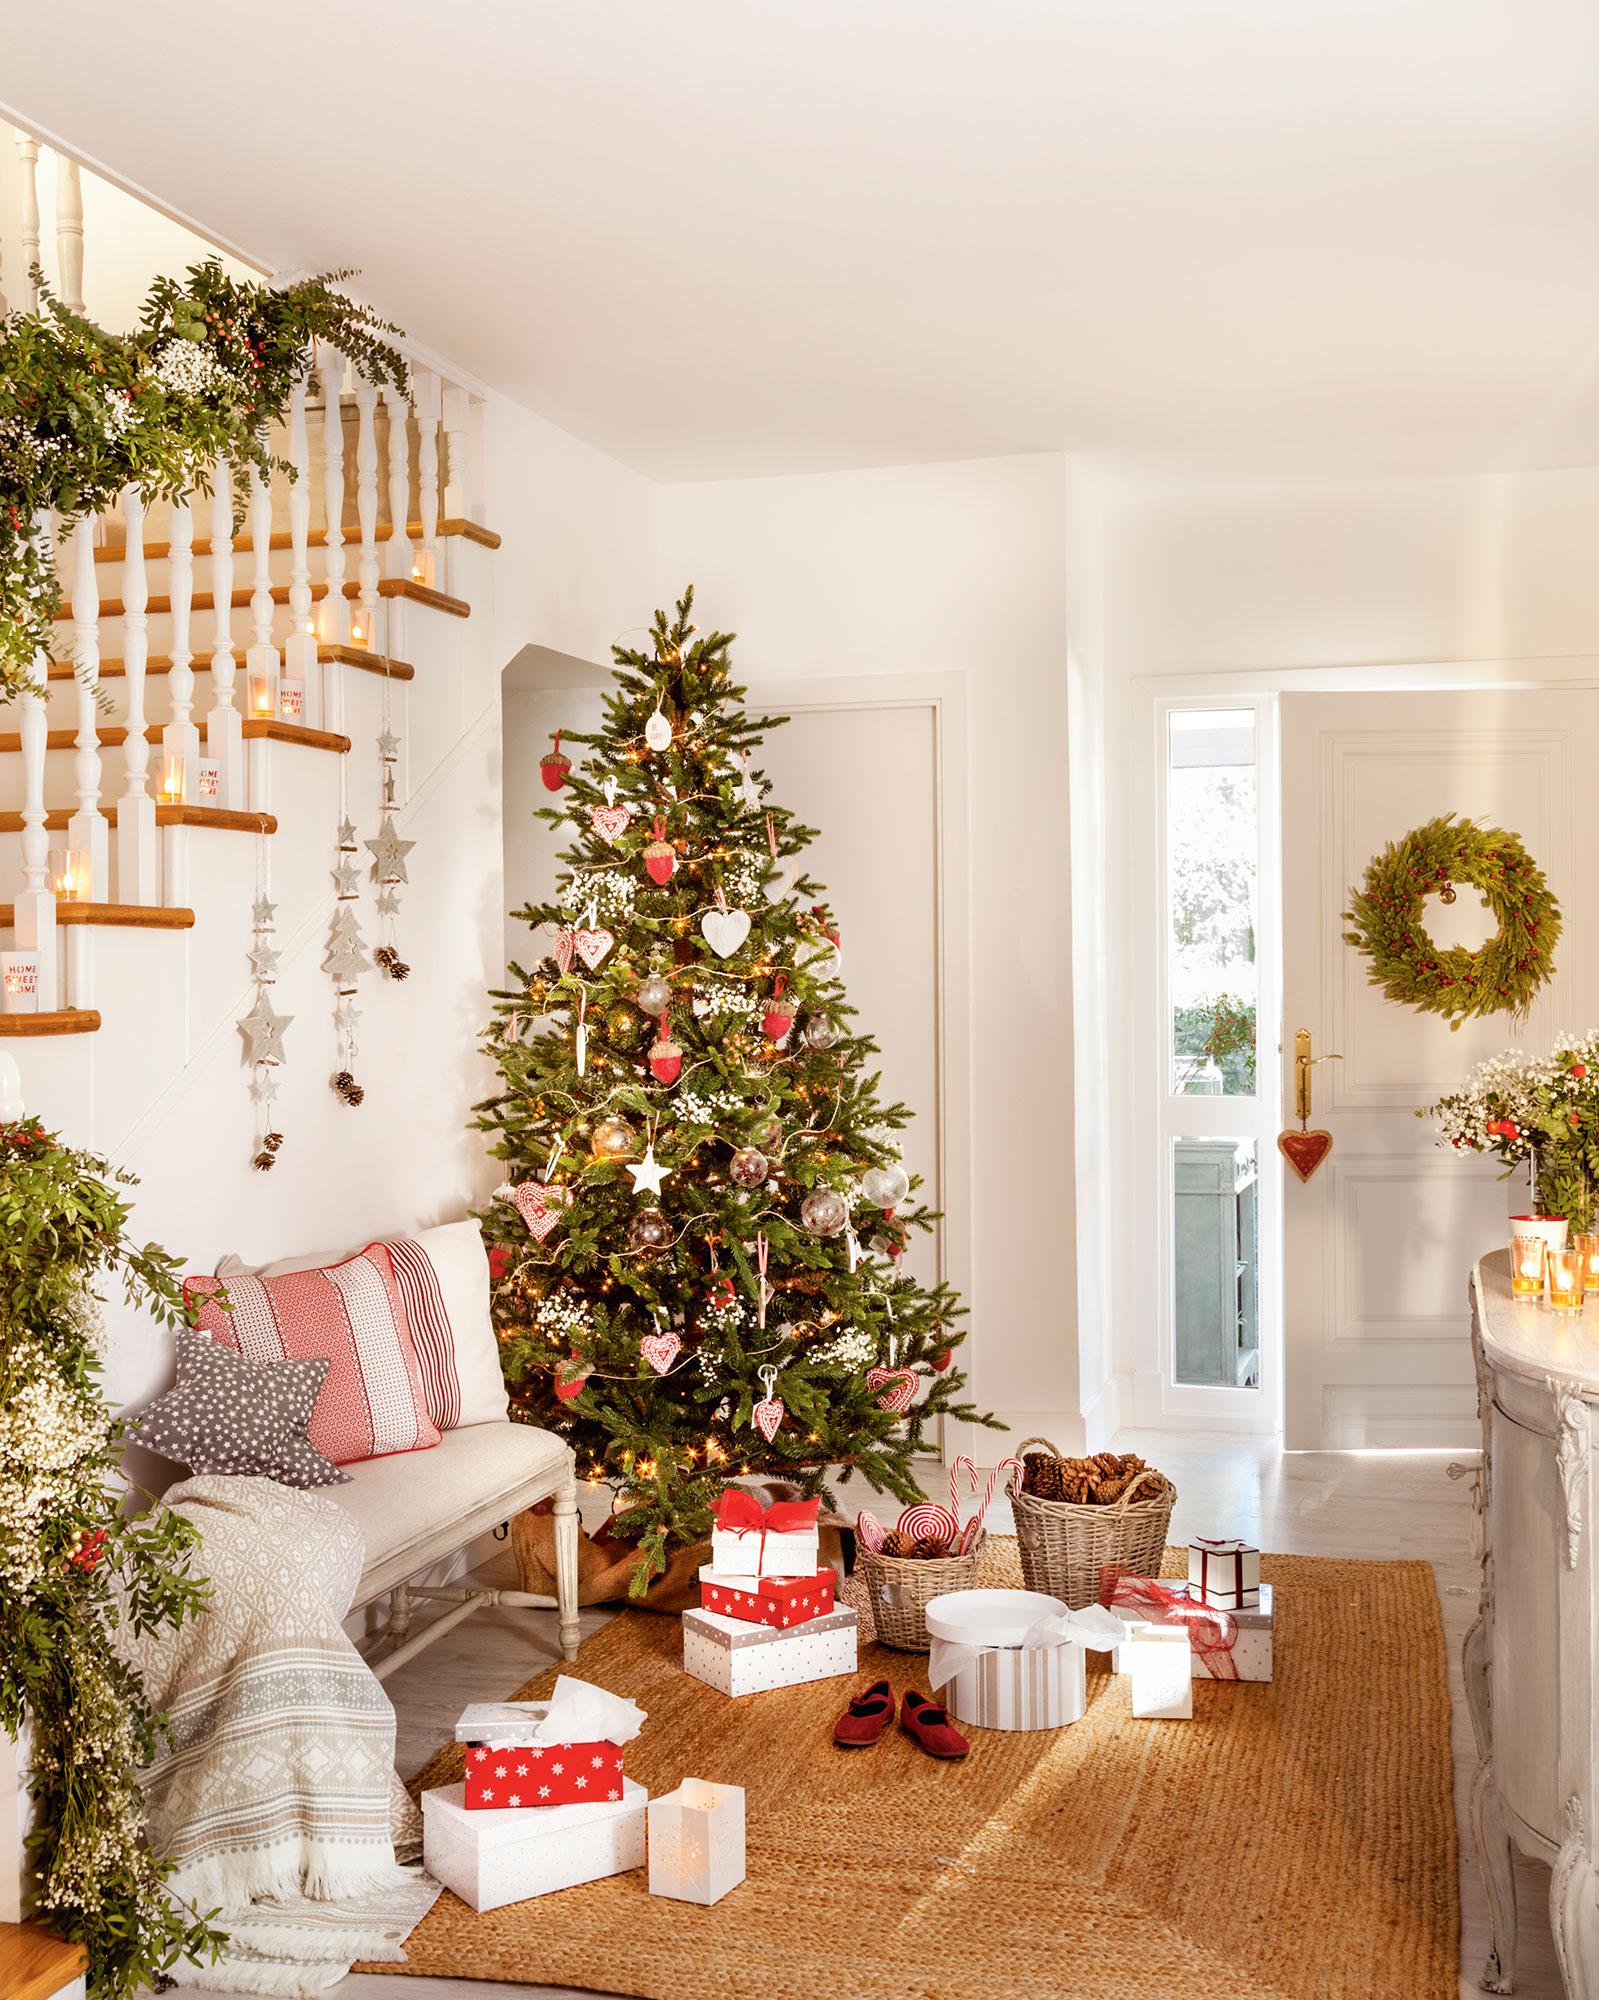 Navidad ideas para decorar de verde natural tu recibidor for Casa con muebles blancos